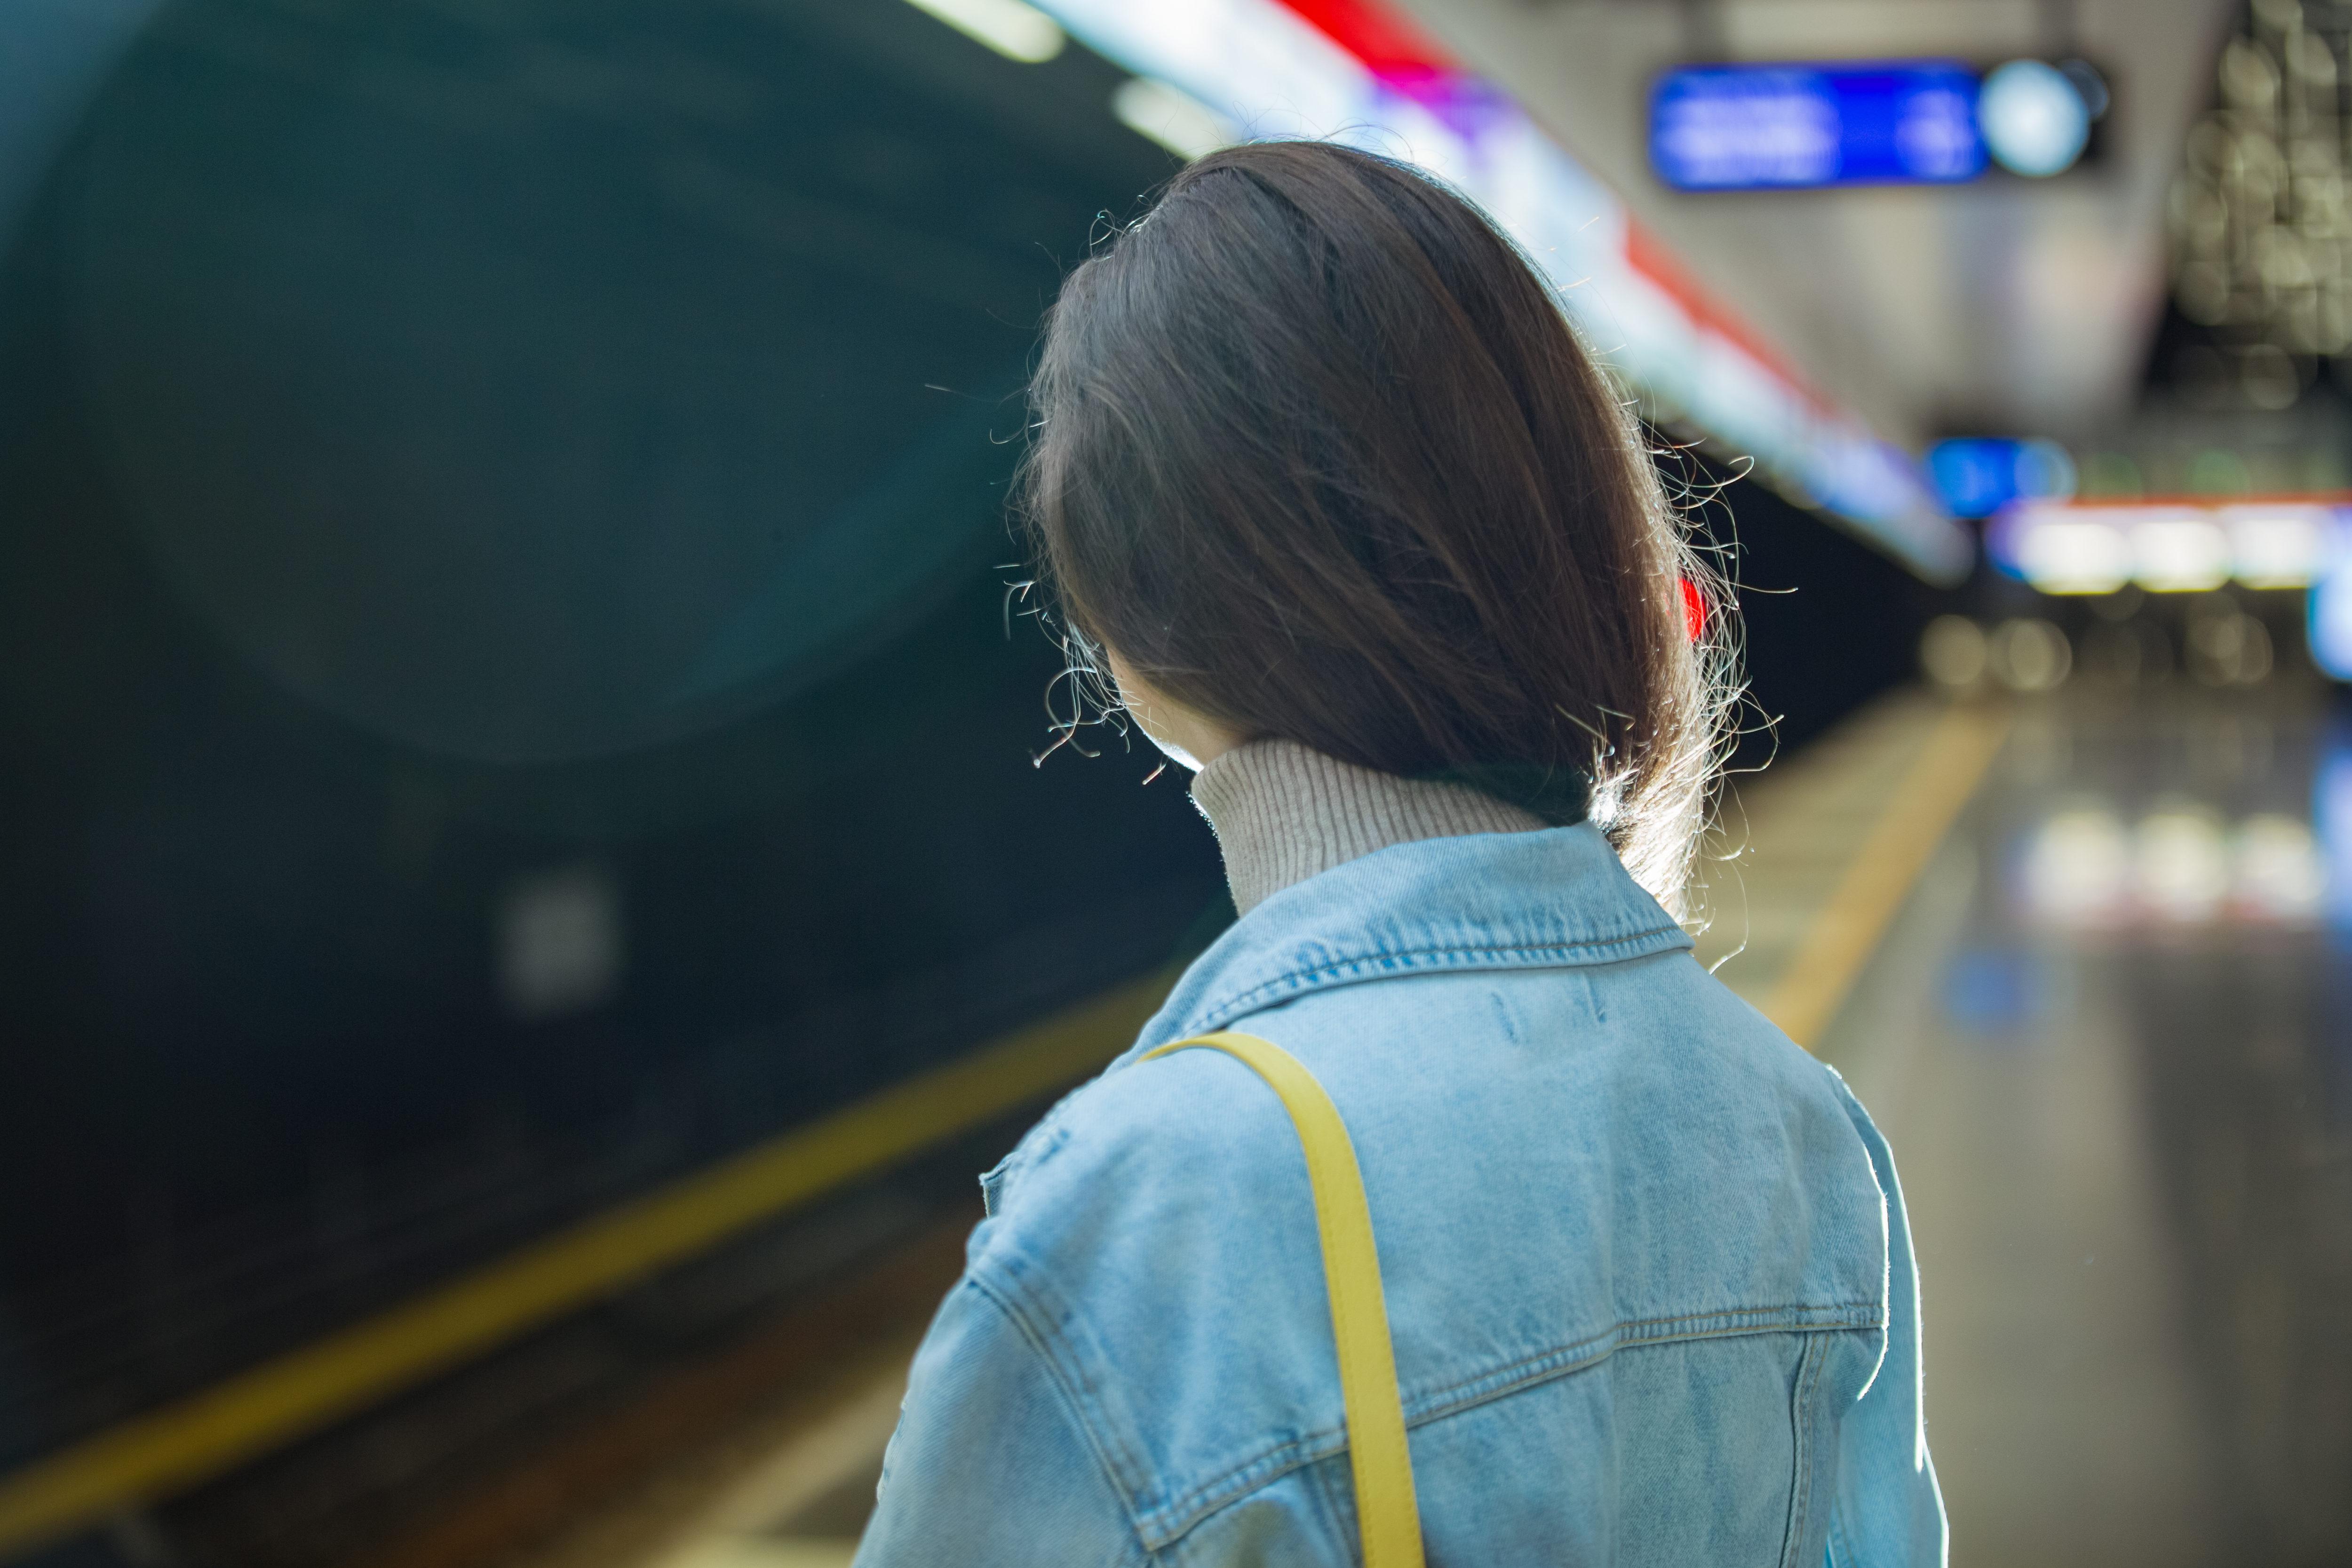 駅・電車・プラットフォーム・少女